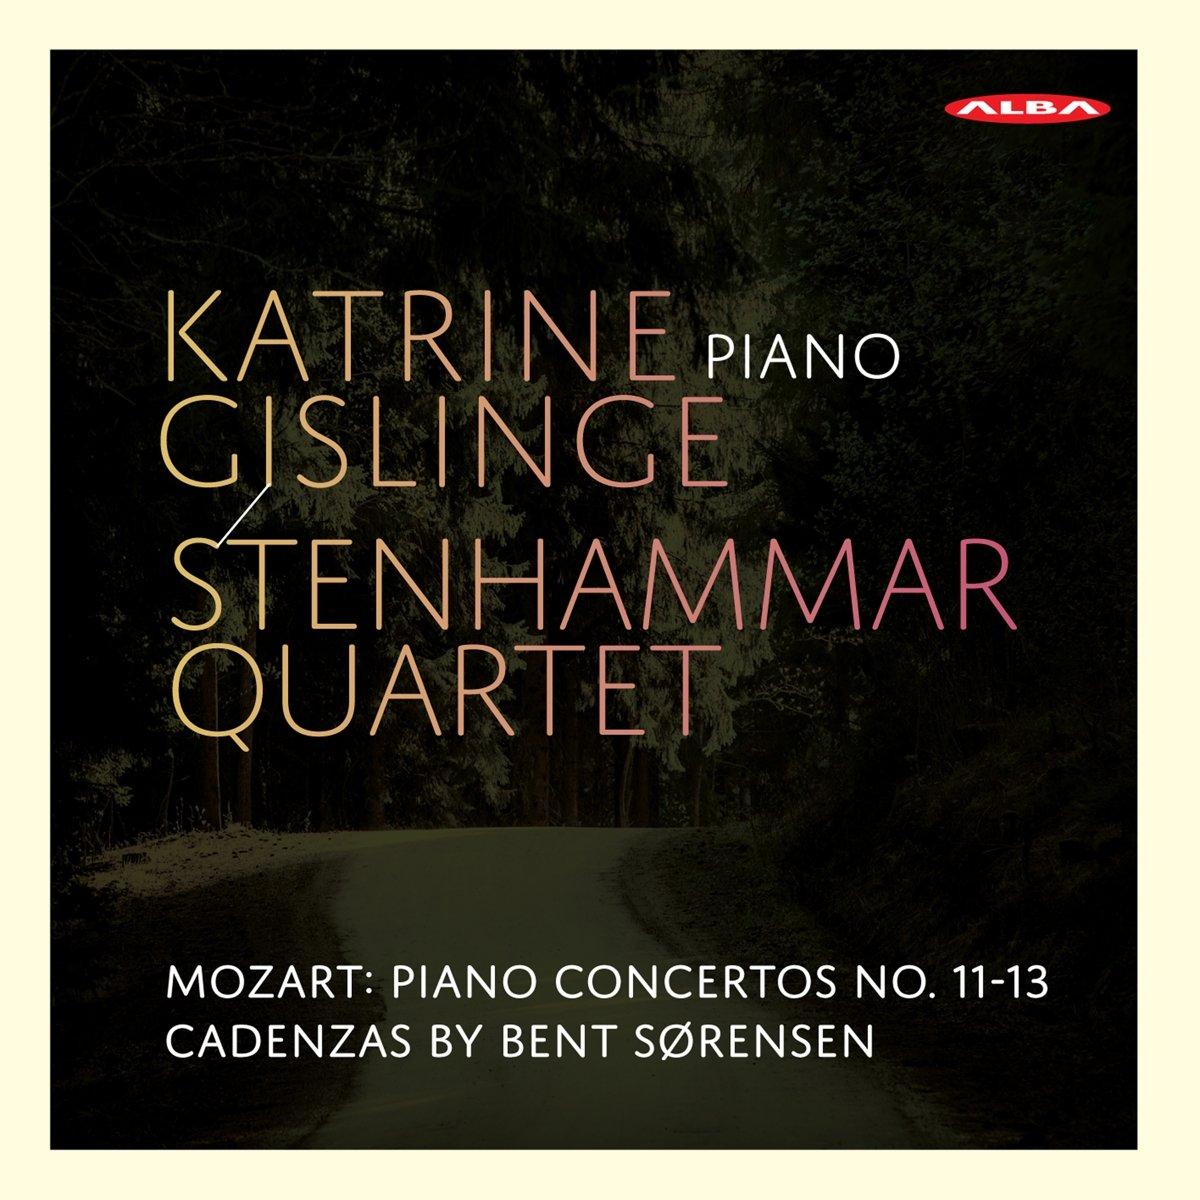 SACD : Katrine Gislinge /Stenhammar Quarte - Piano Concertos (Hybrid SACD)